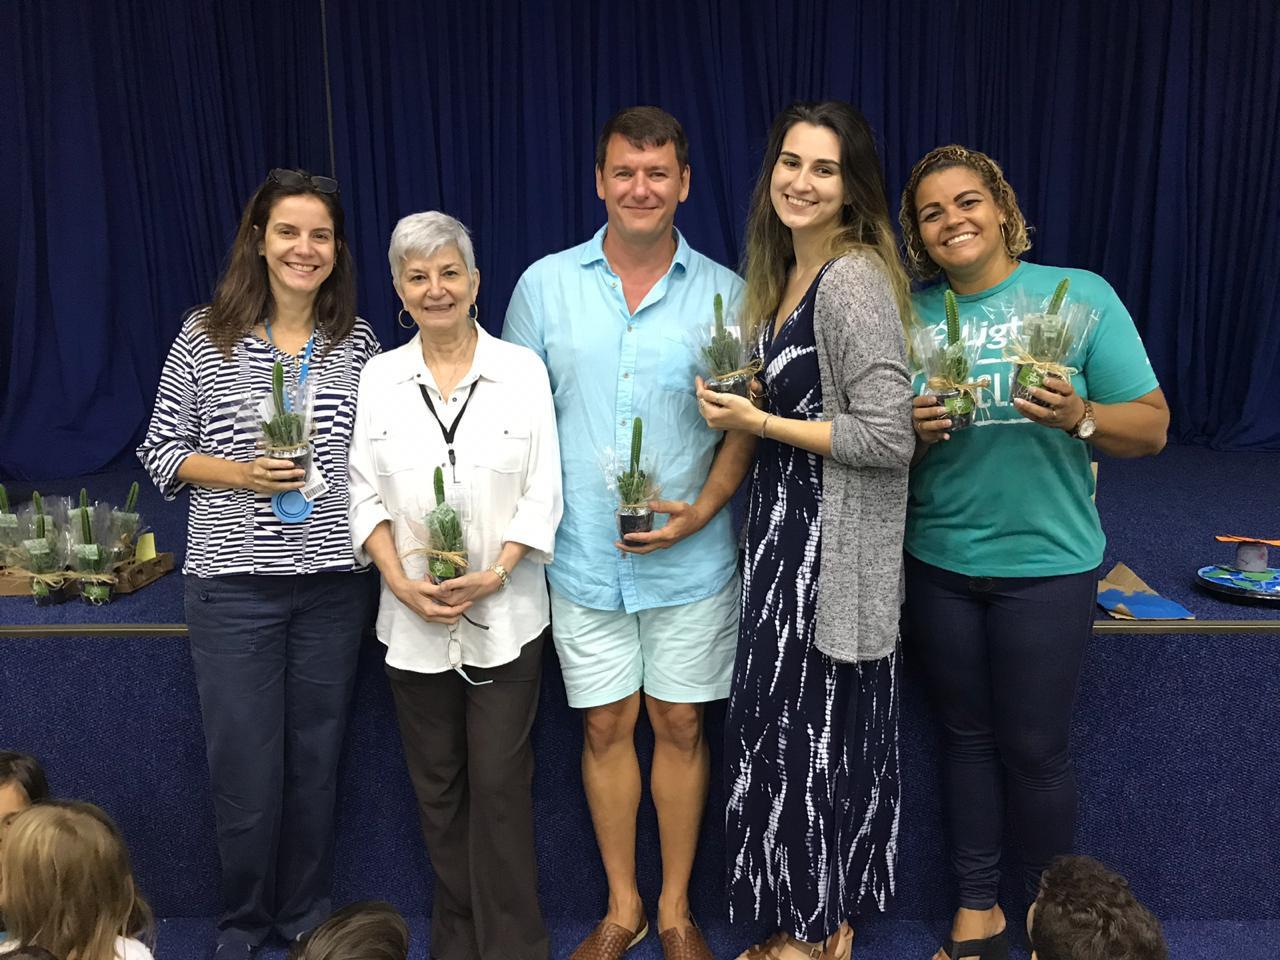 Ms. Carla Mello, Ms. Lucia Franklin, Mr. Dean Lepage, Ms. Iva Georgiev - Student Teacher - Priscilla, representante da Light Recicla